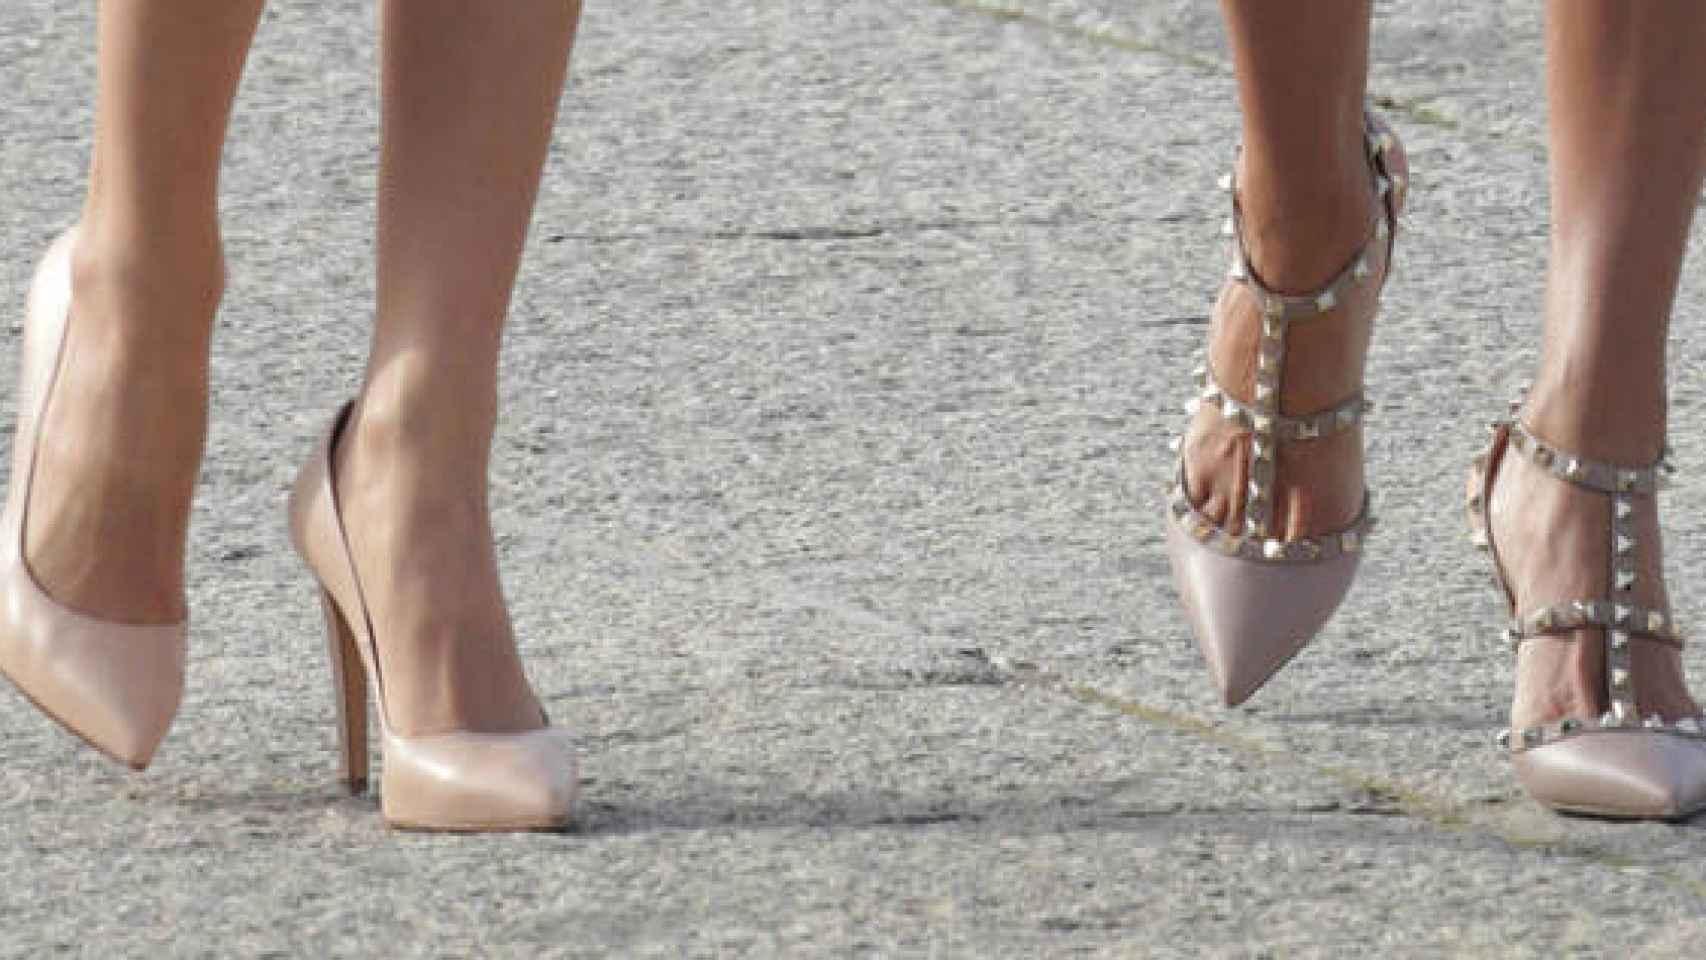 Detalle de los zapatos.